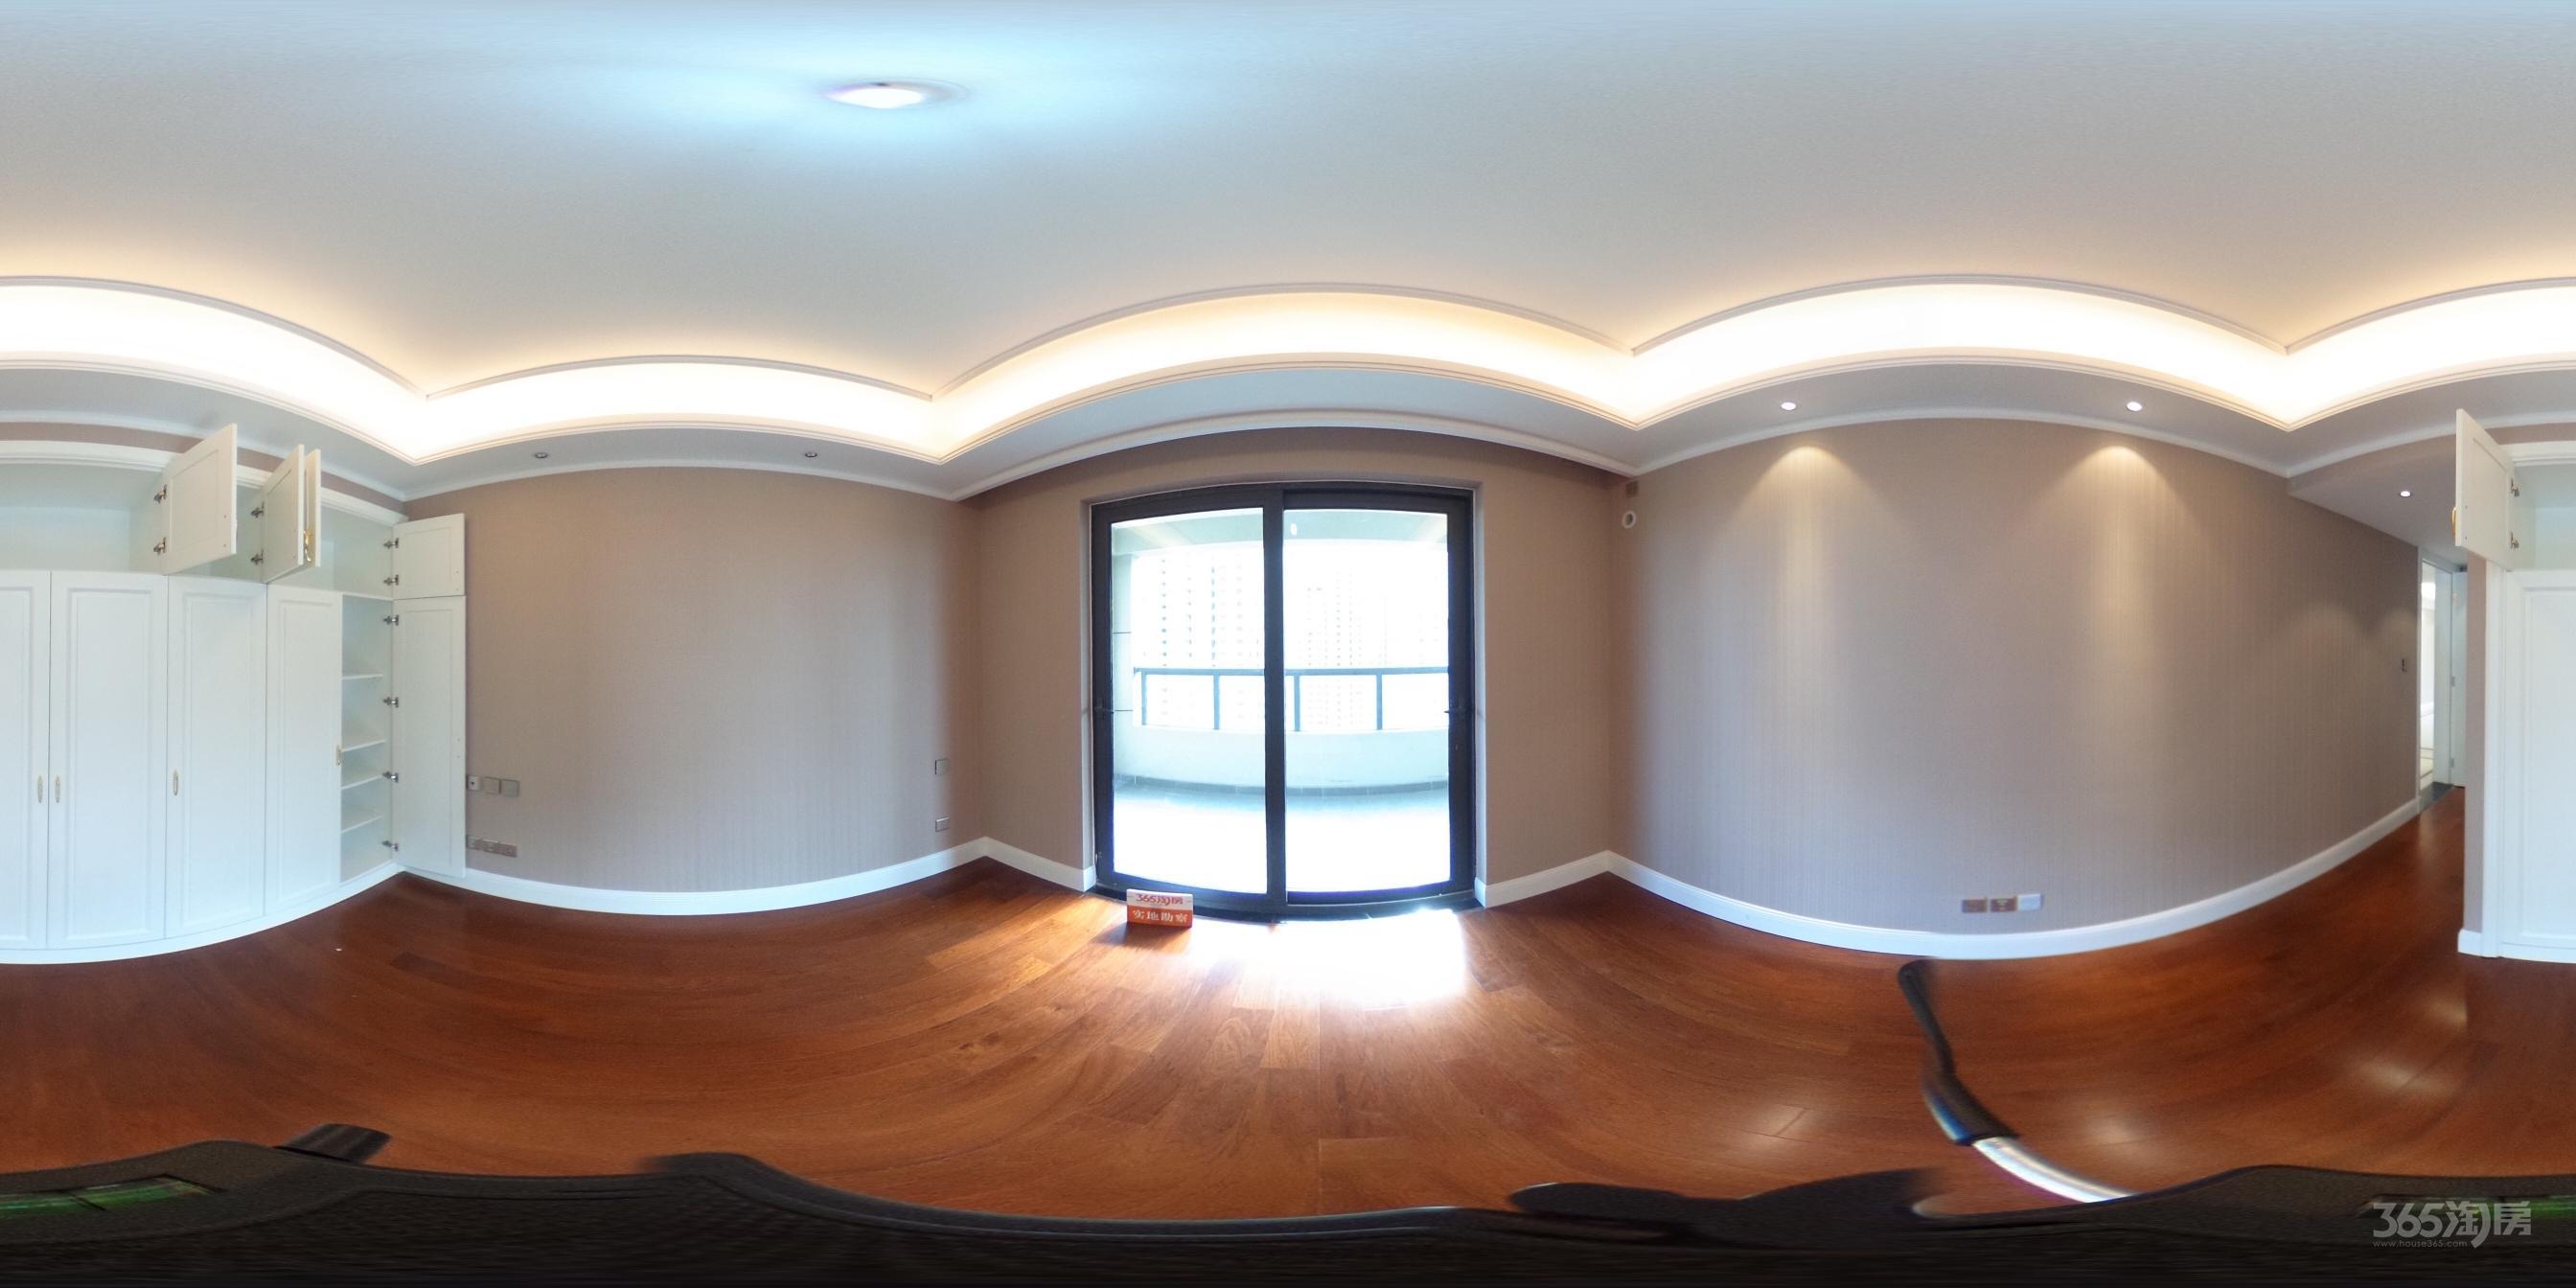 急售奥南板桥新城富力尚悦居双南全明精装带地暖纯新现房